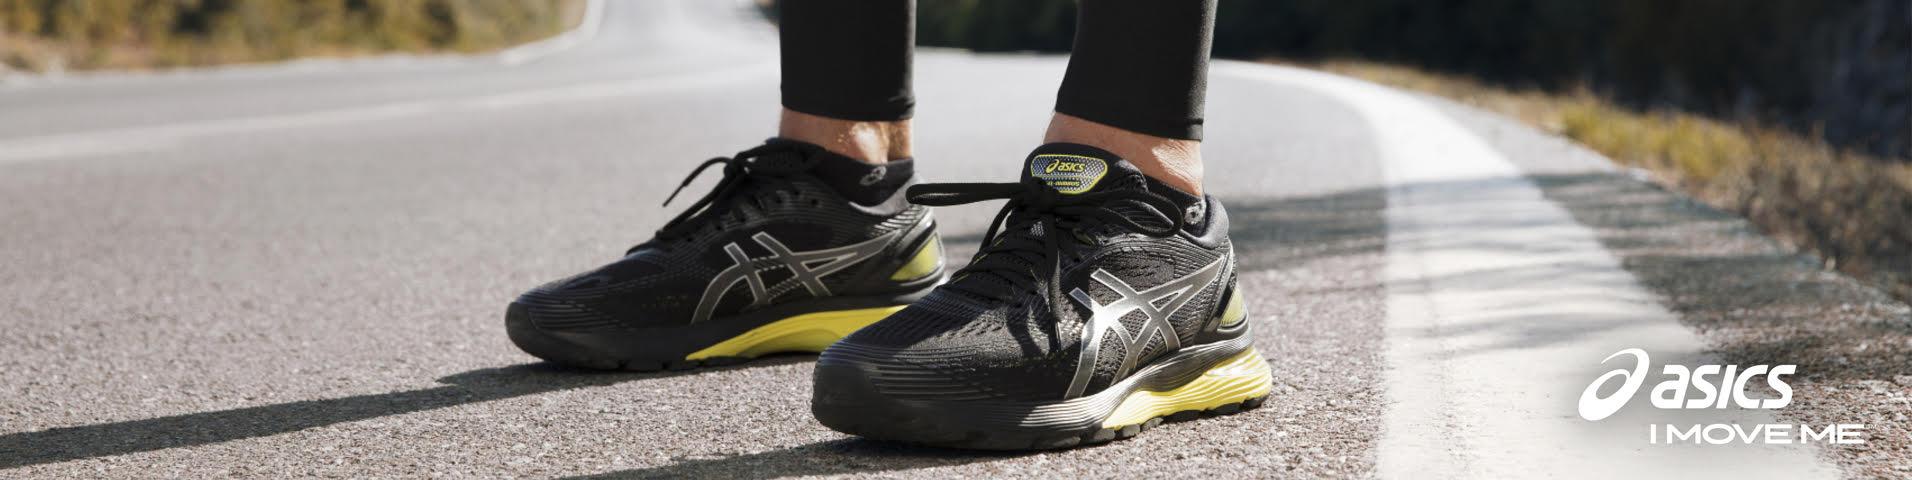 Ropa y zapatillas ASICS online de hombre para hacer deporte  3cad5f5b02ce8